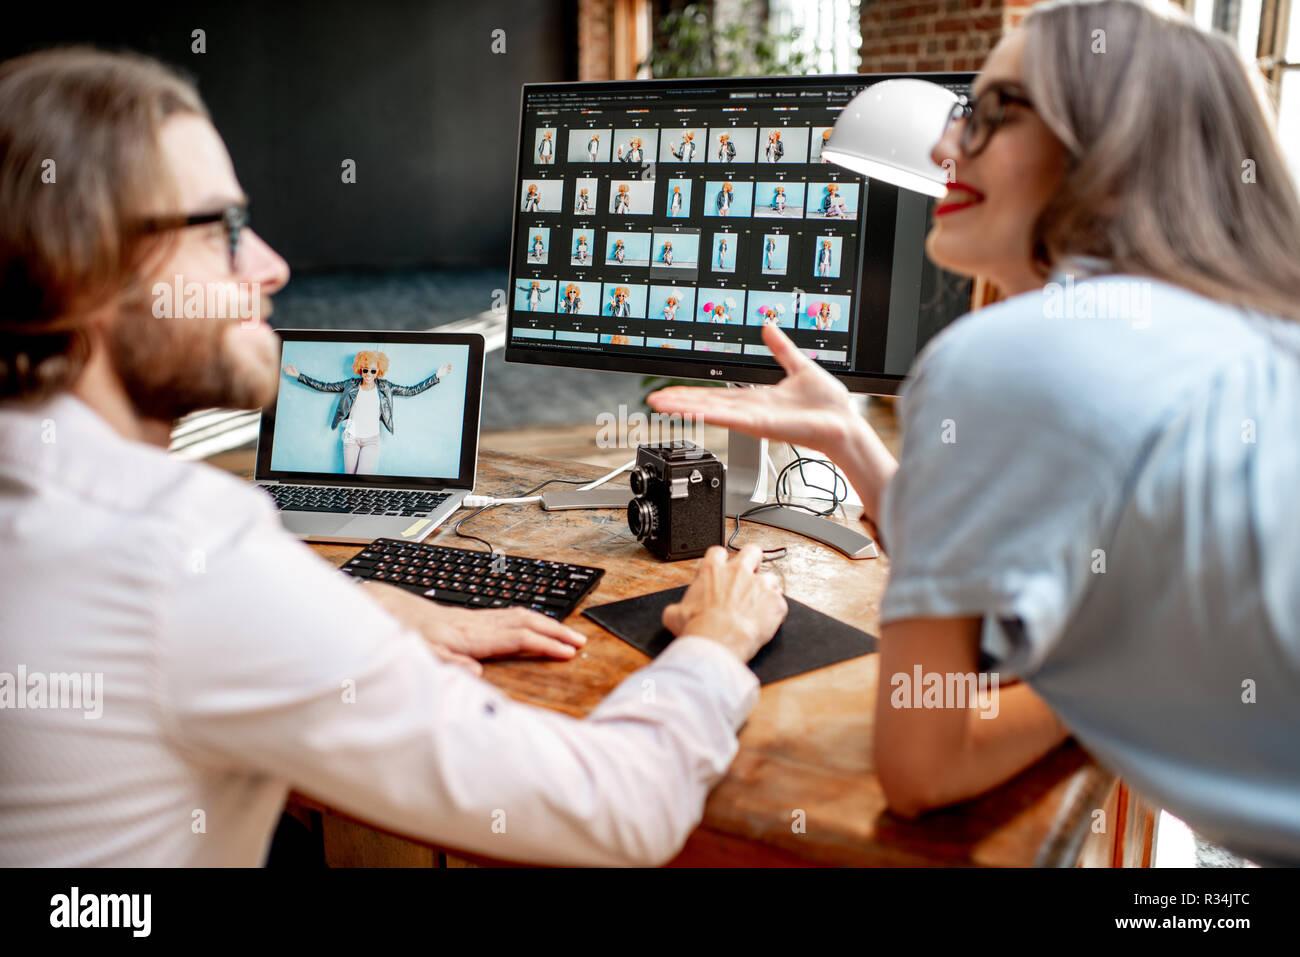 Pareja joven de fotógrafos que trabajan con retratos de la mujer en el lugar de trabajo con dos ordenadores en el studio Foto de stock